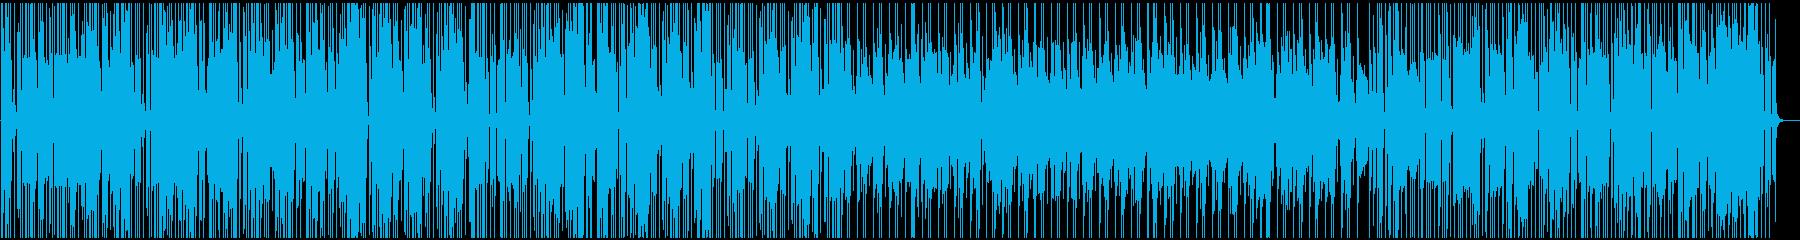 コメディ風のインストゥルメンタルラ...の再生済みの波形